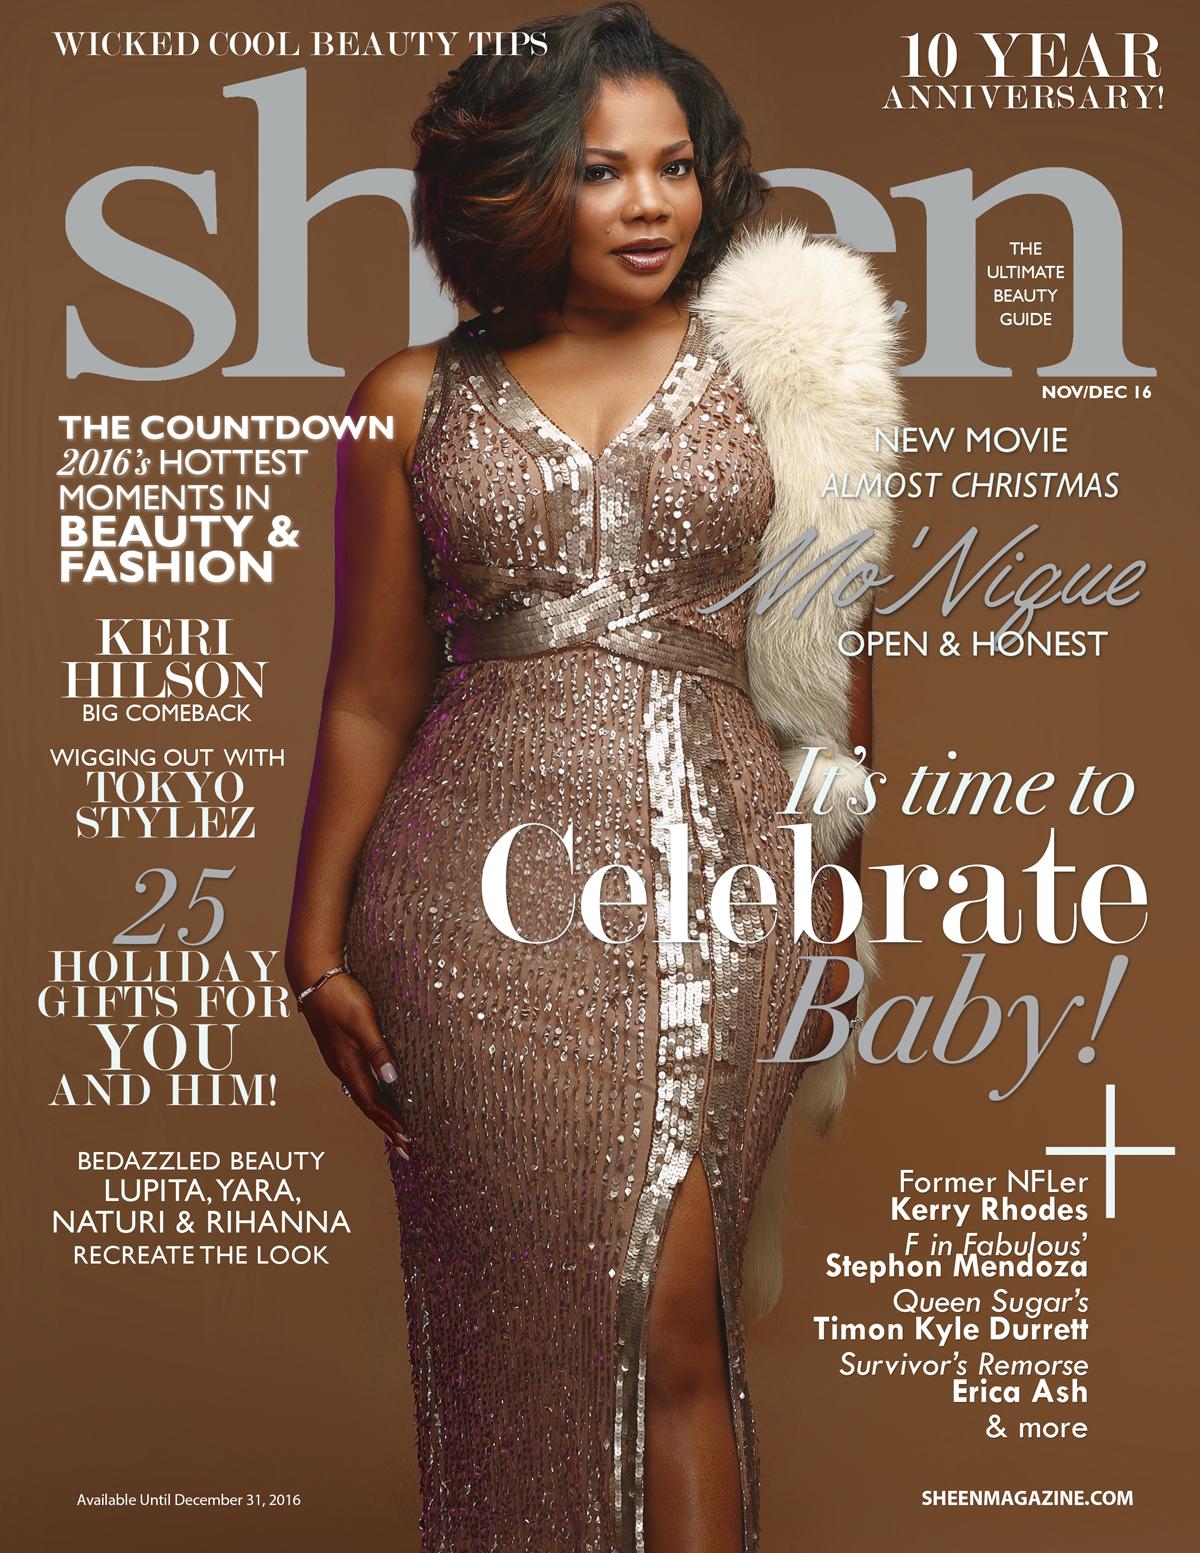 Mo'Nique For 'Sheen' Magazine